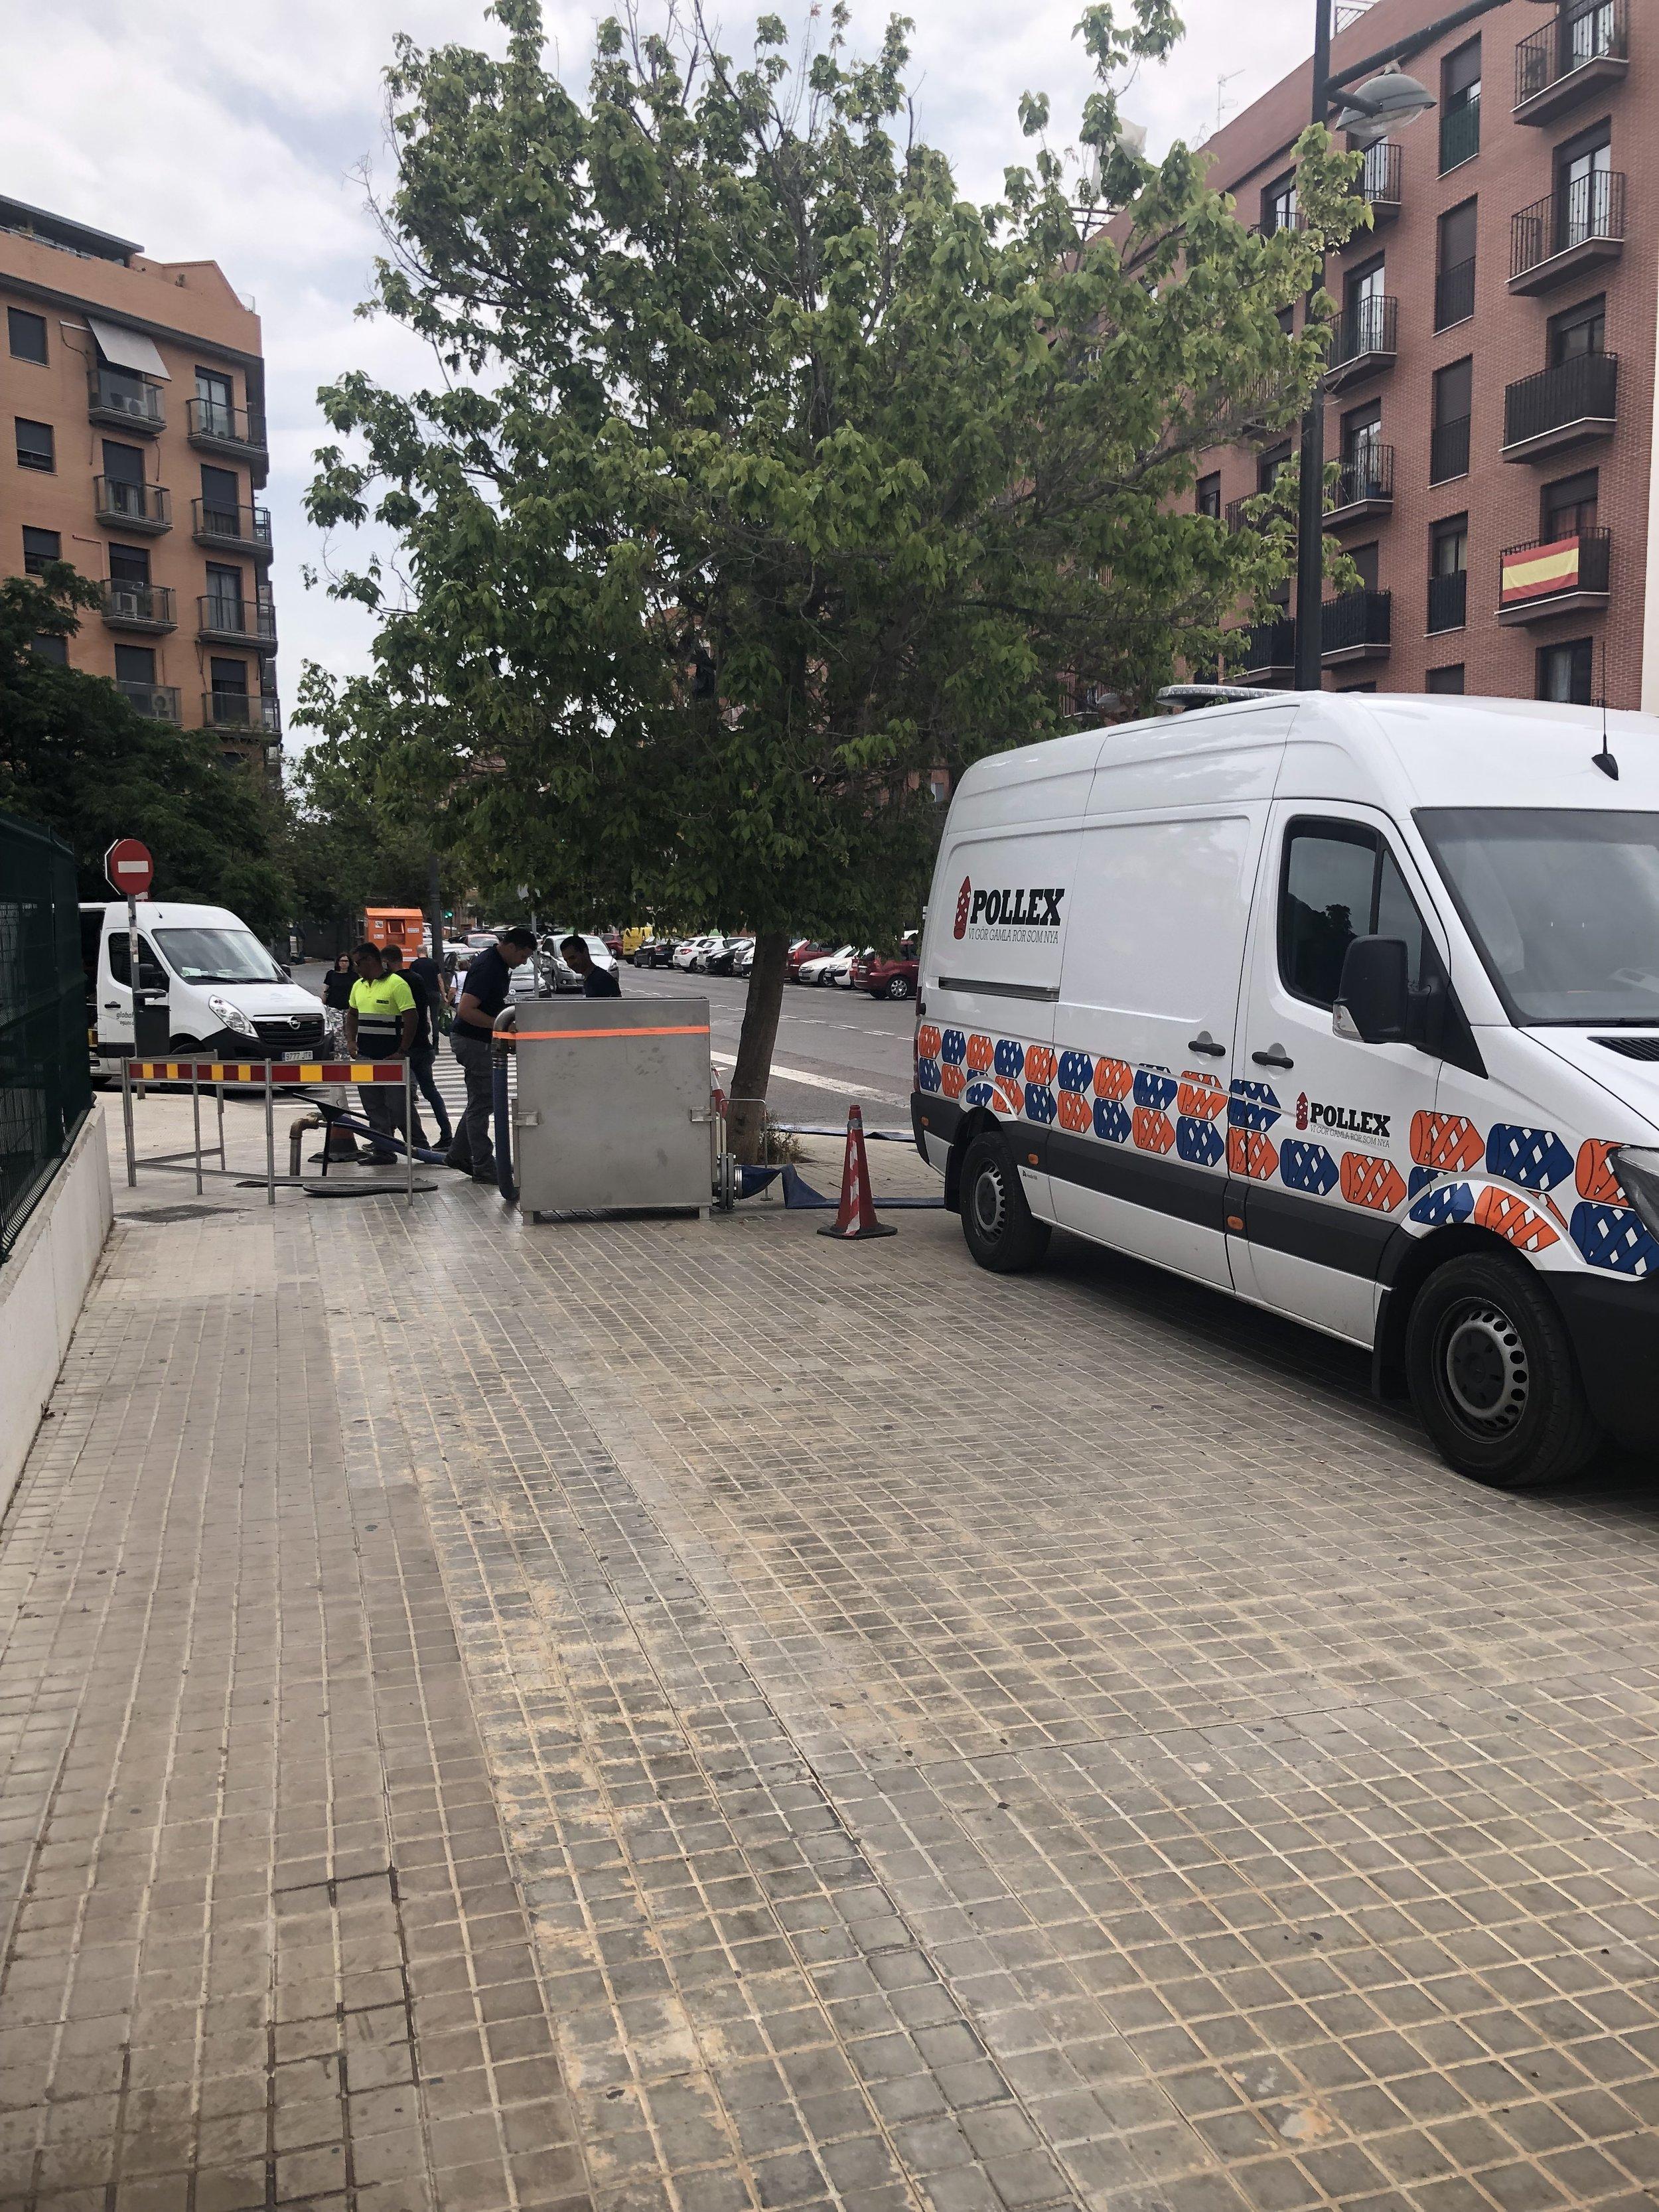 Pollex-LoV-Spanien-2019-3.jpg